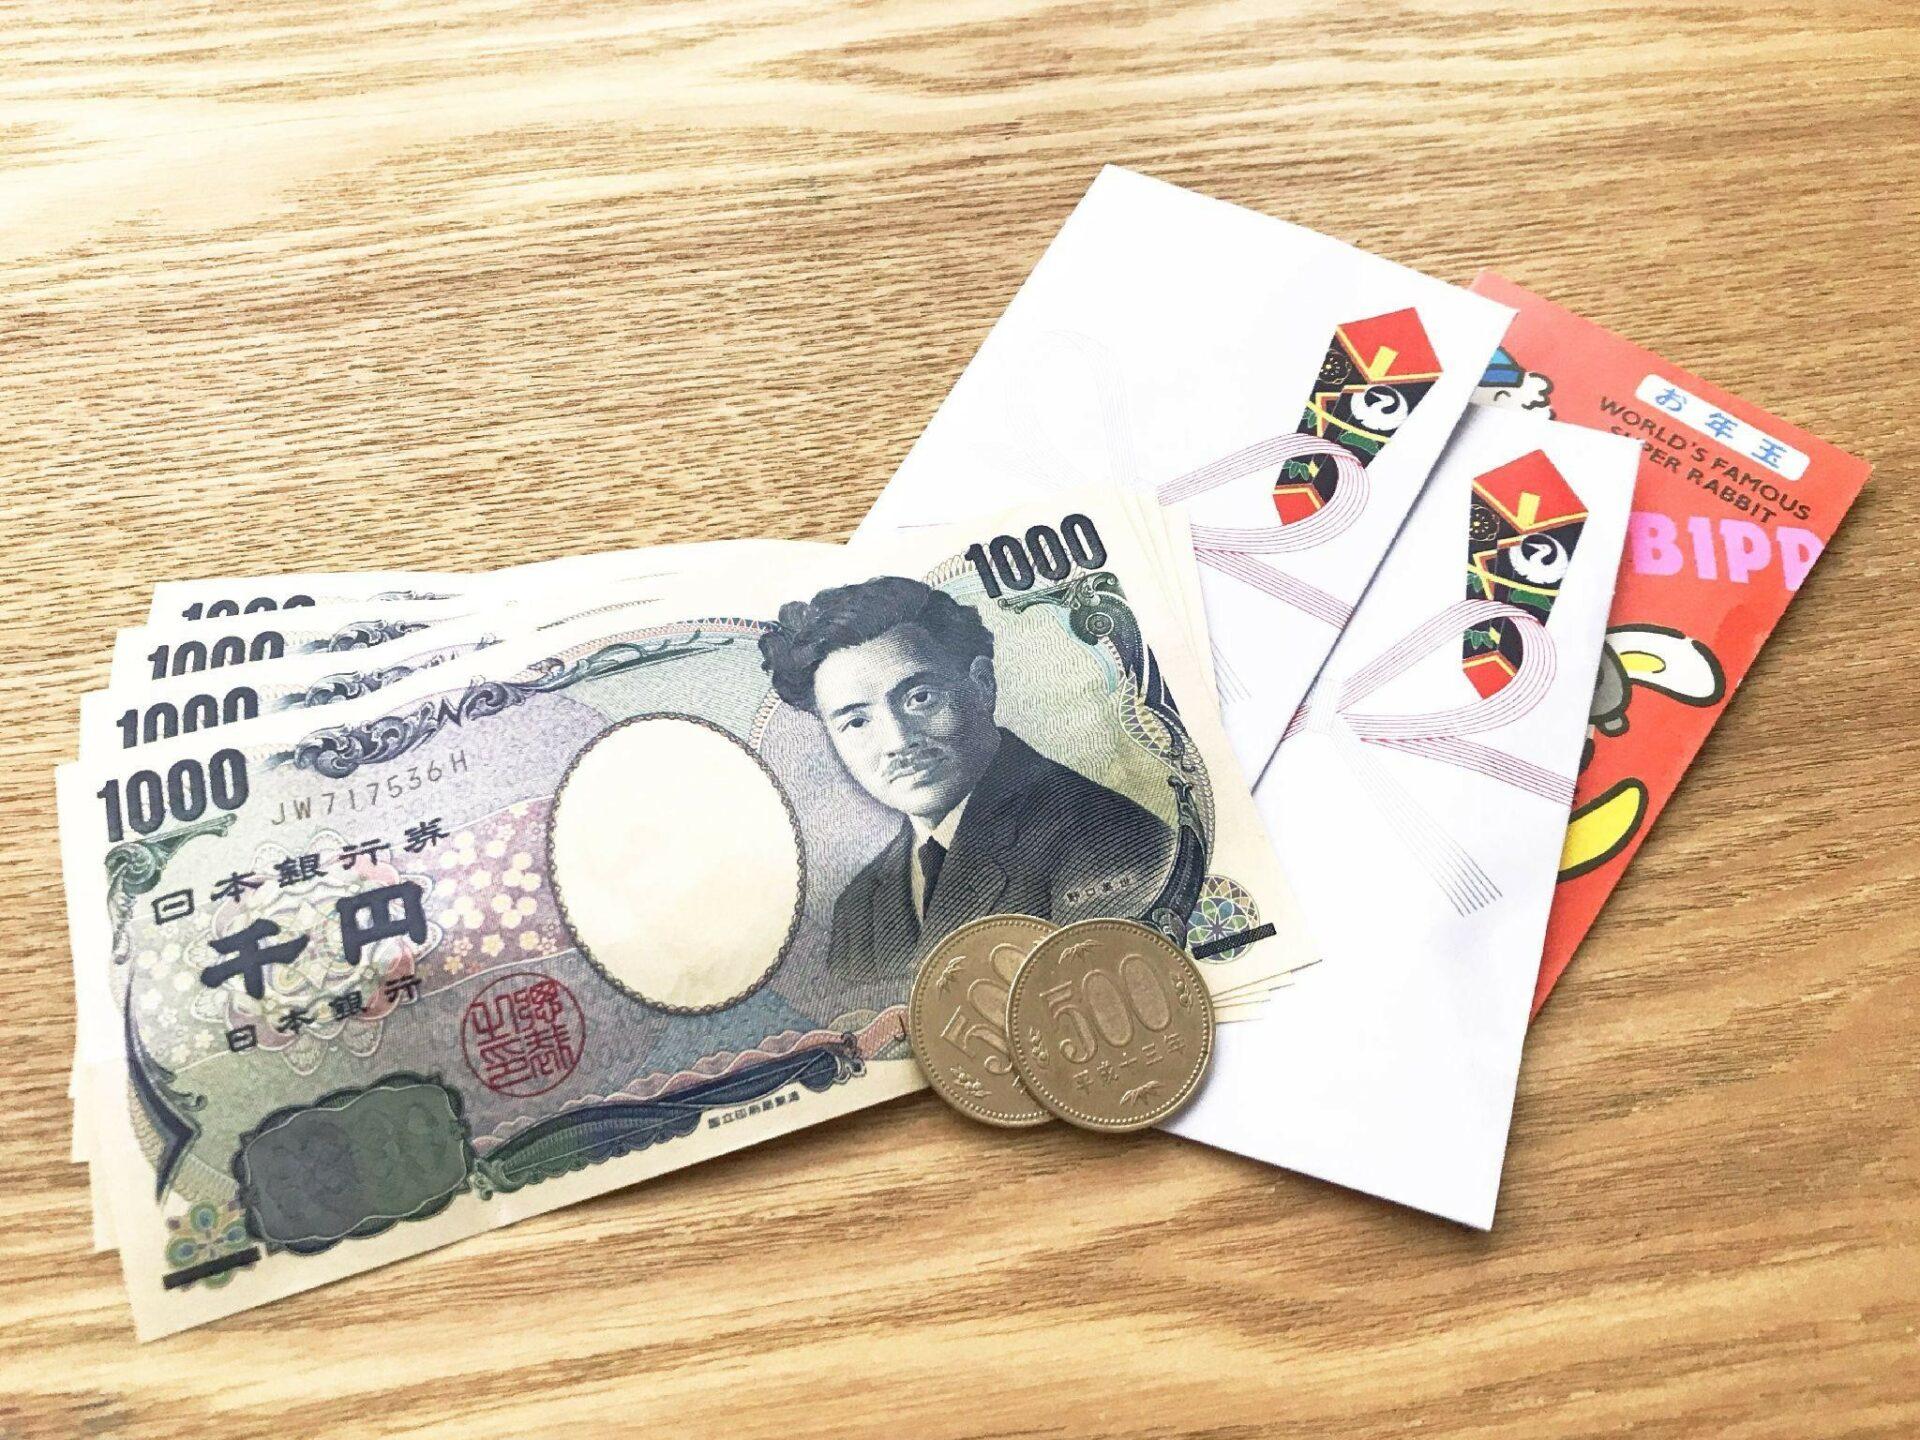 ポチ袋と紙幣、硬貨